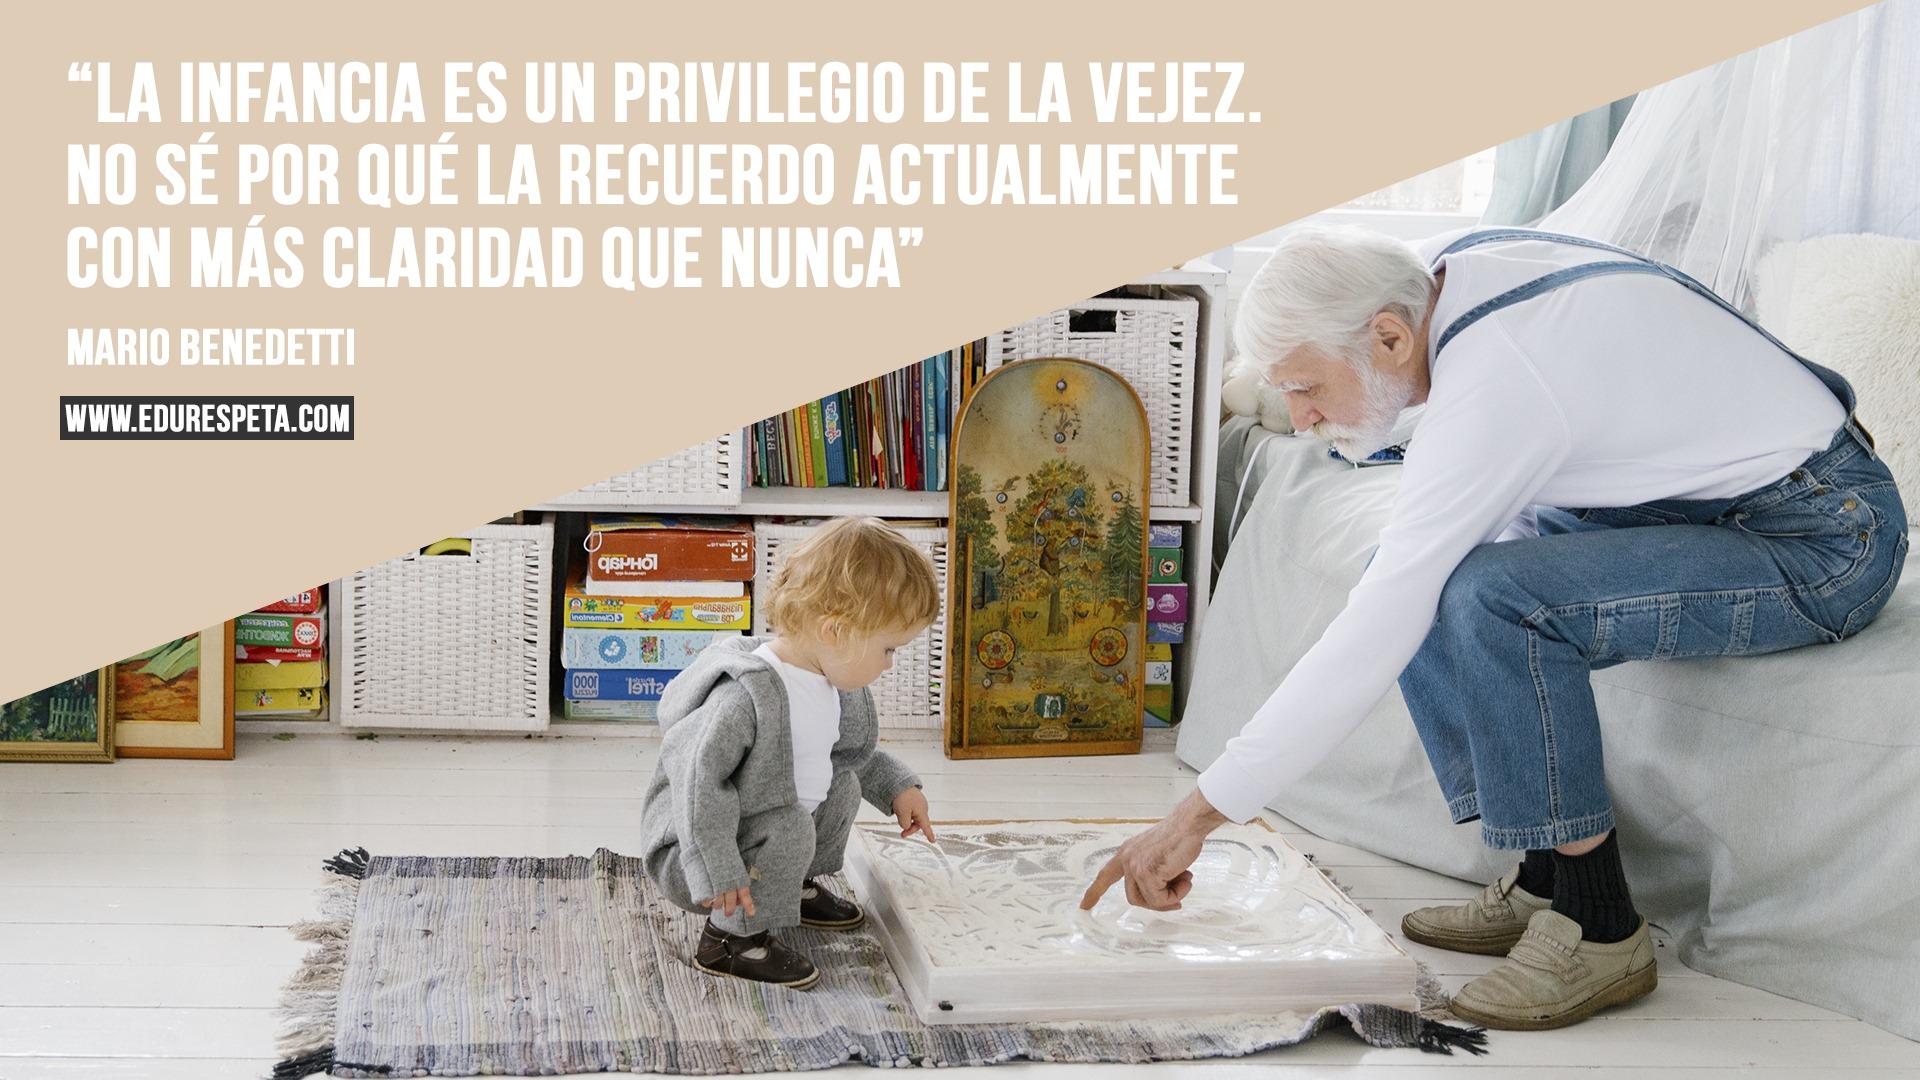 La infancia es un privilegio de la vejez. No sé por qué la recuerdo actualmente